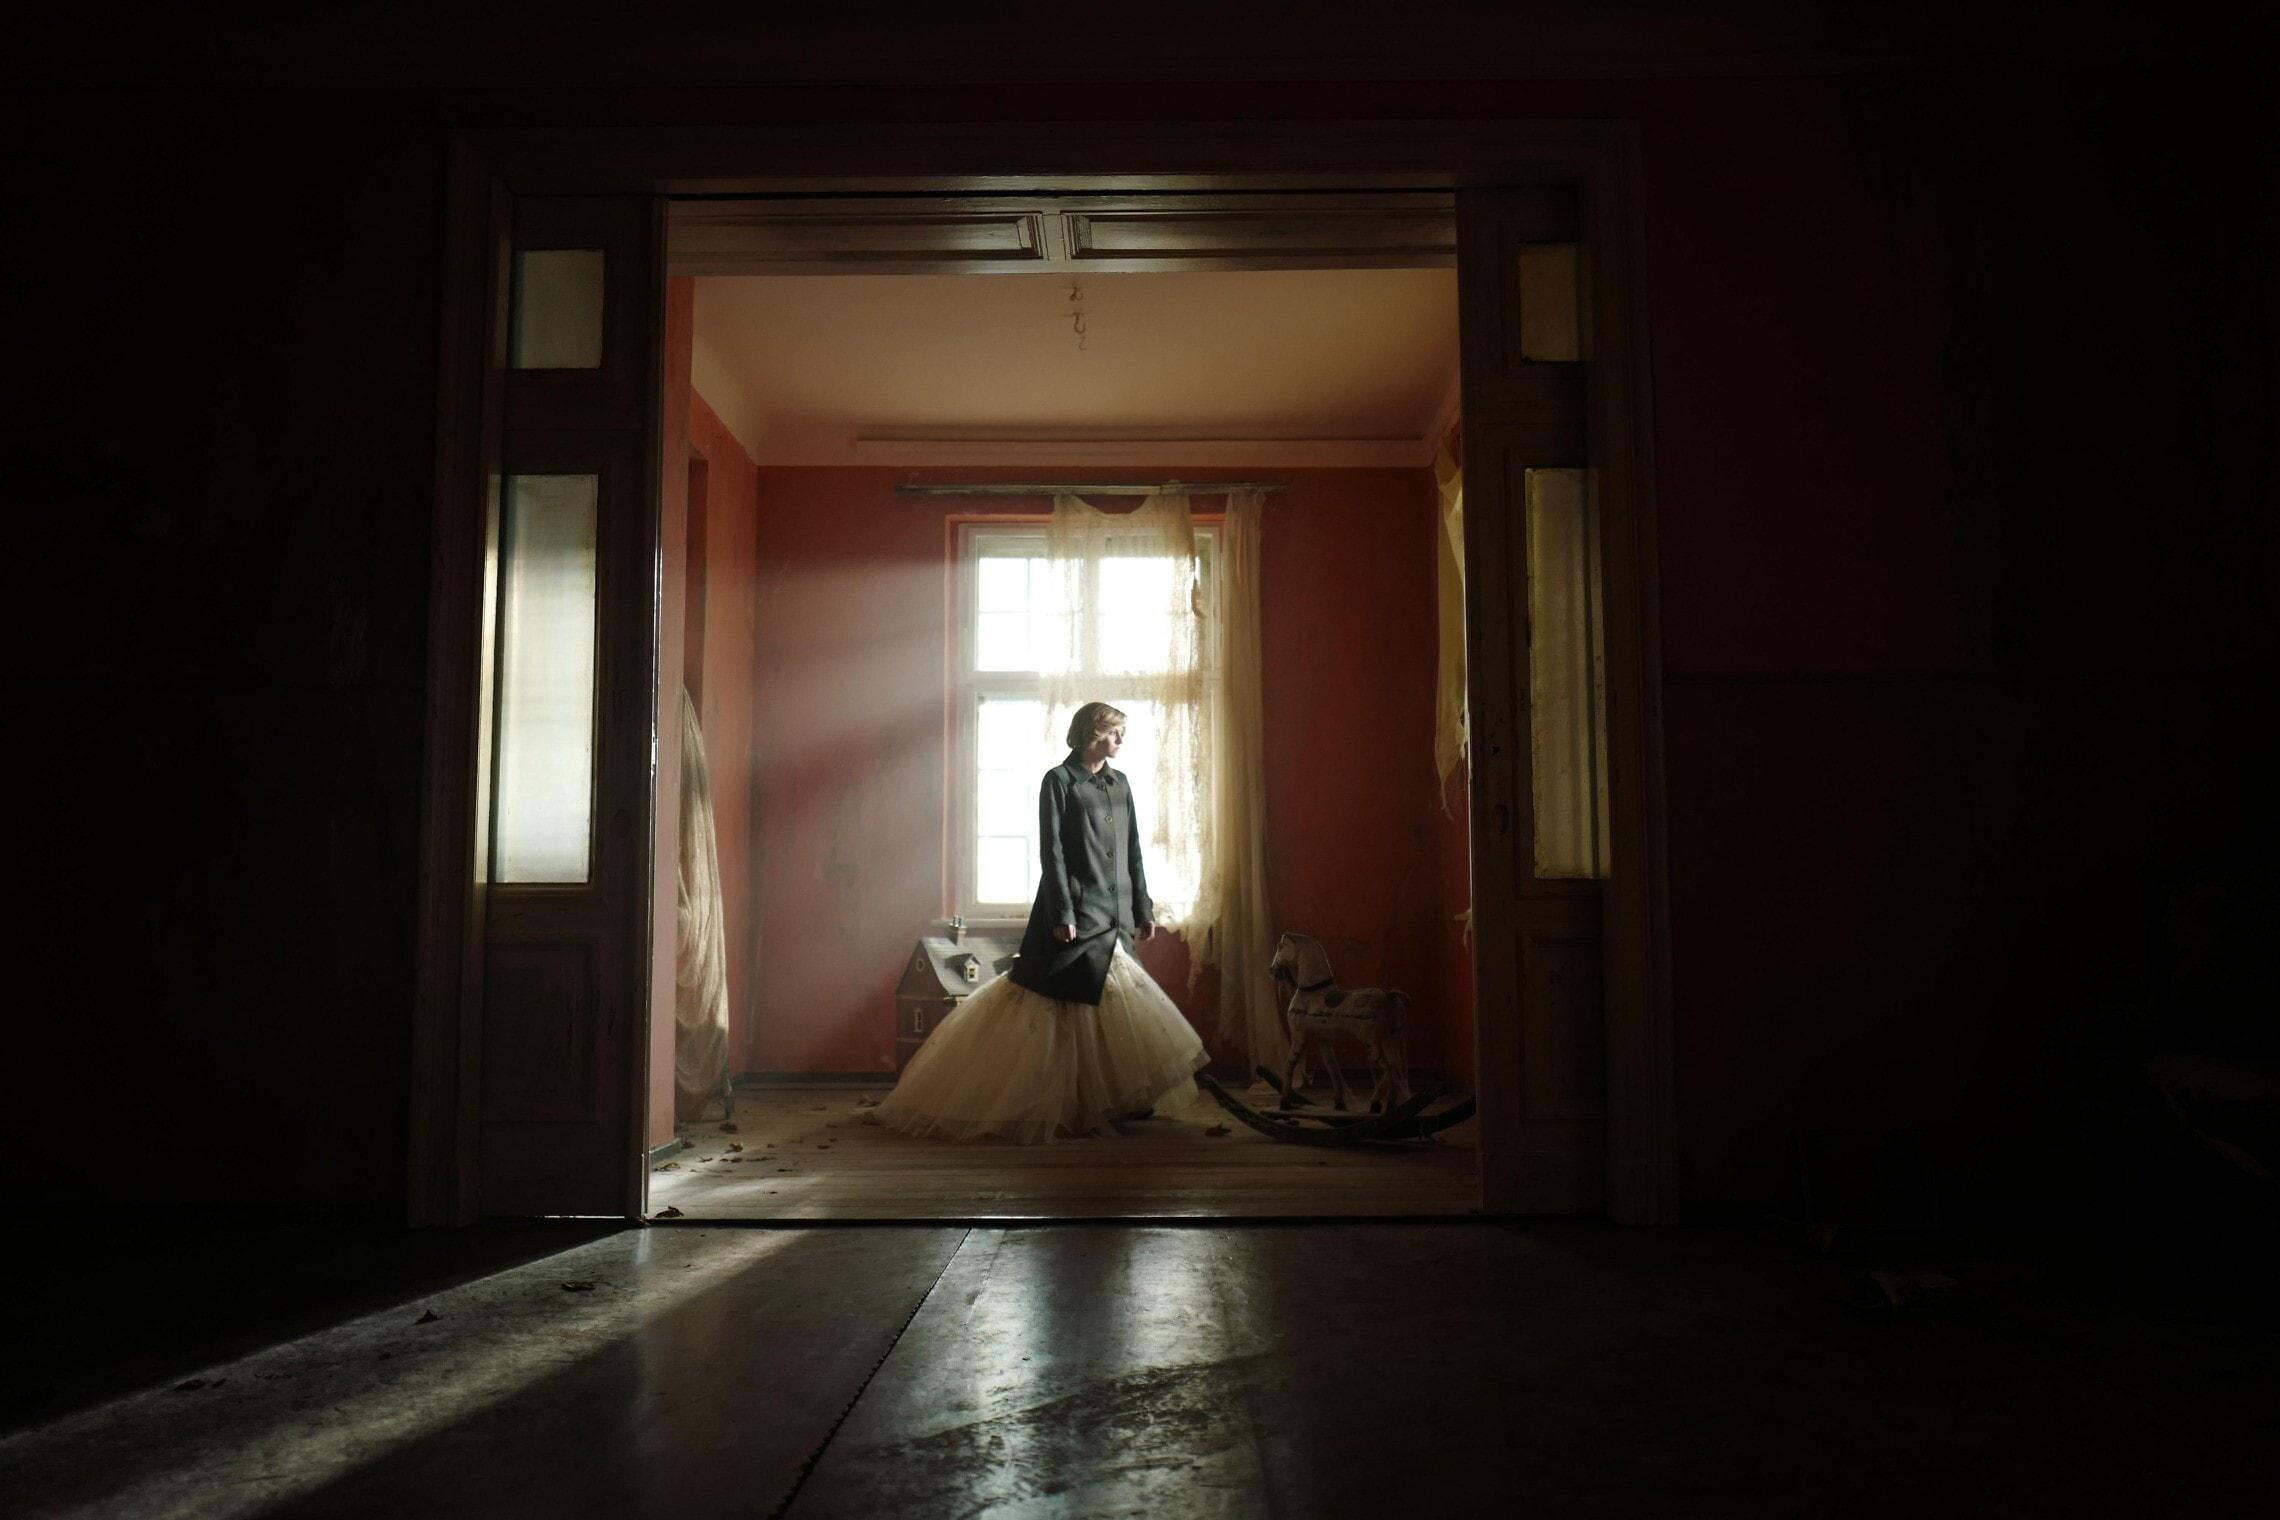 """קריסטן סטיוארט בתפקיד הנסיכה דיאנה בסרט """"ספנסר"""" (צילום: Neon)"""